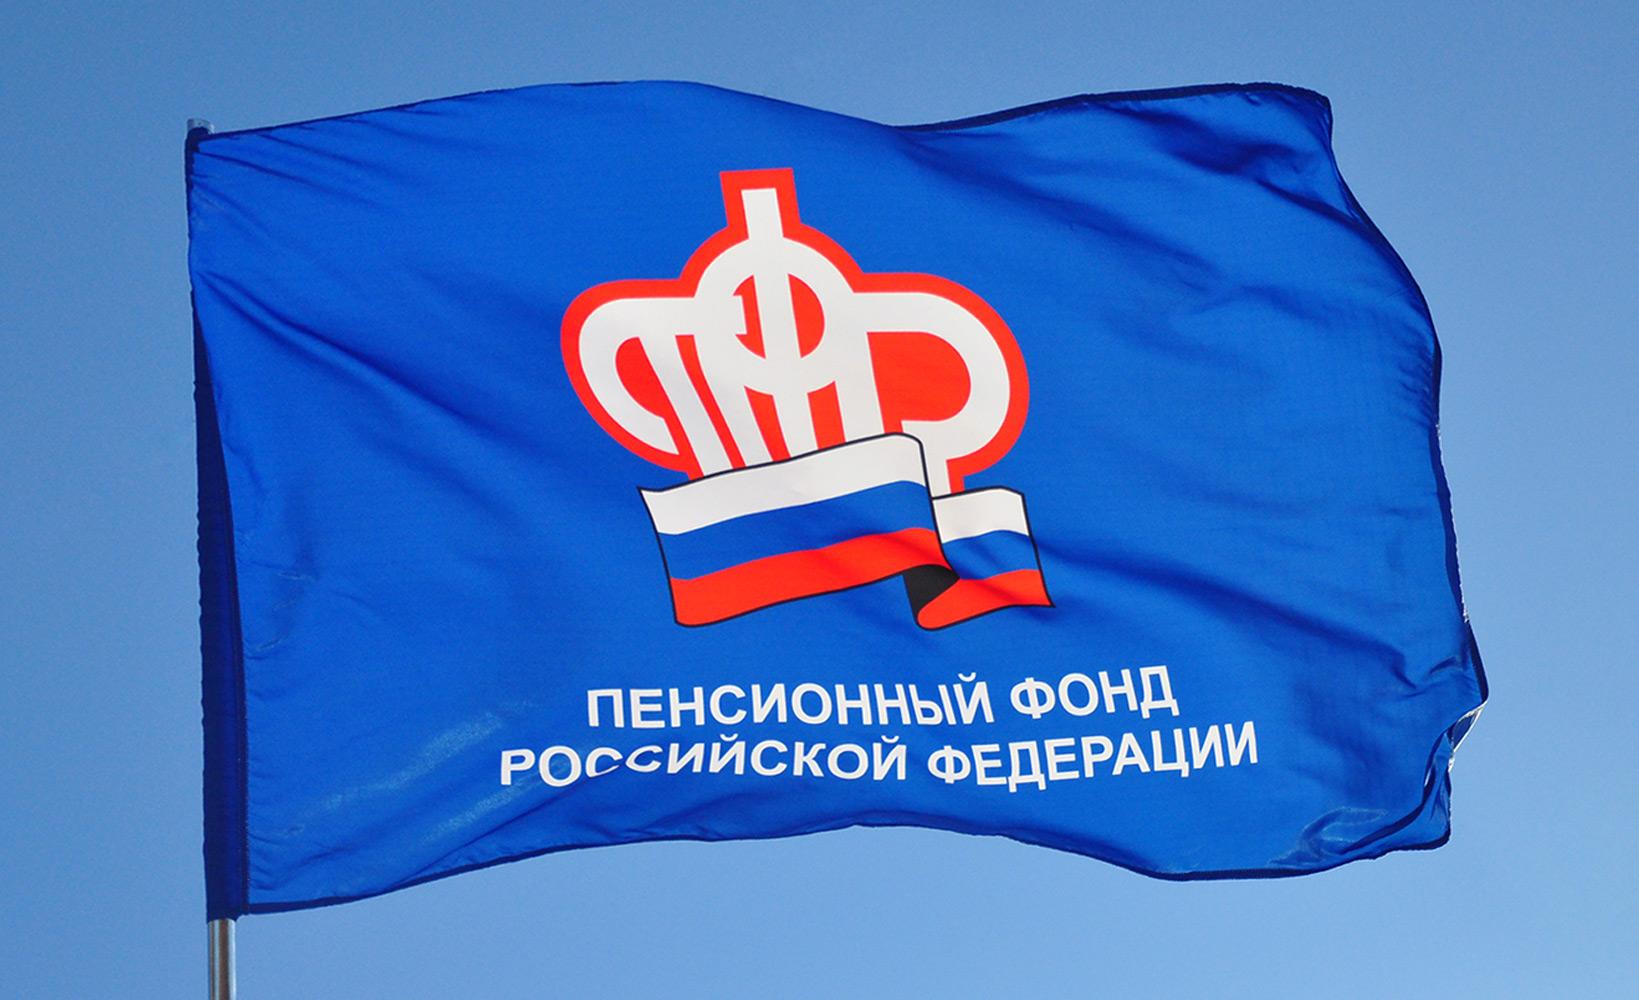 УПФР: советский рабочий стаж граждан учтён, необходимости в перерасчете пенсий нет